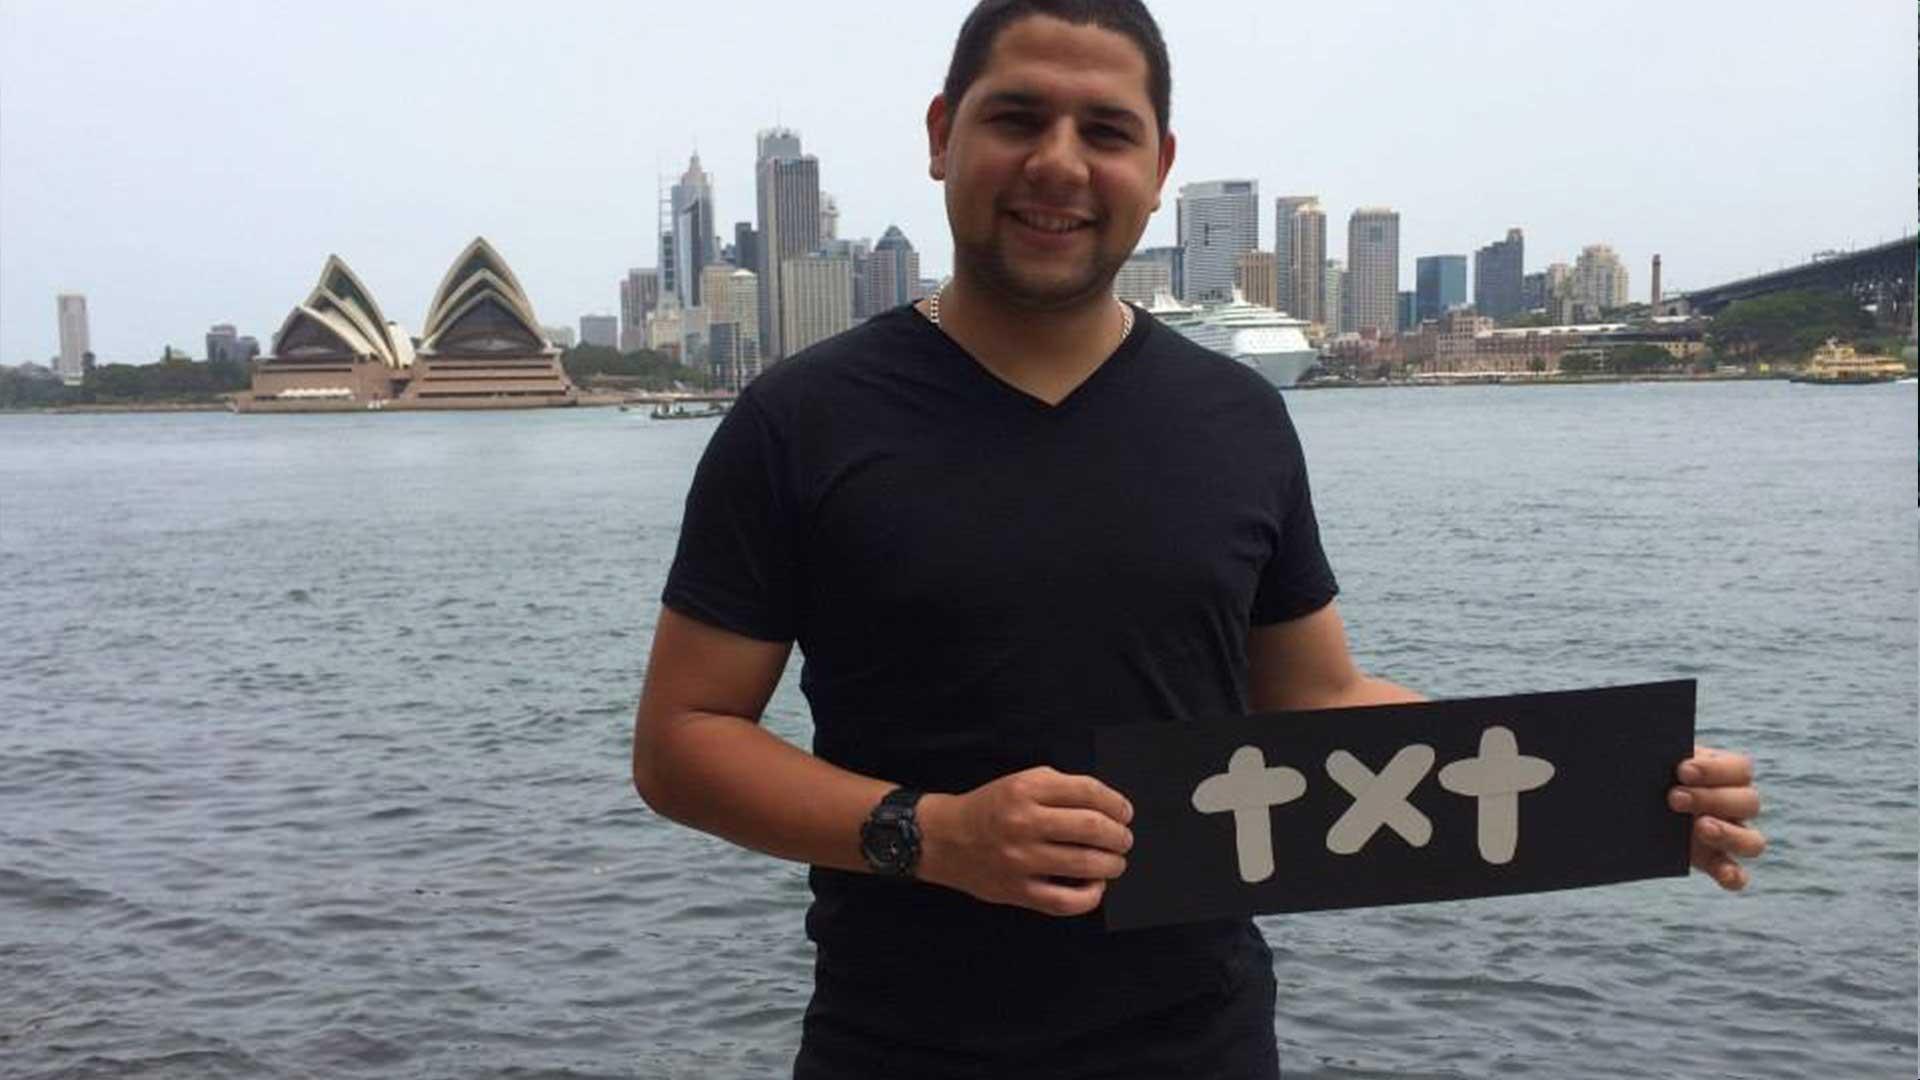 carrusel 8 TXT Agencia • El logo de todos, el logo del mundo